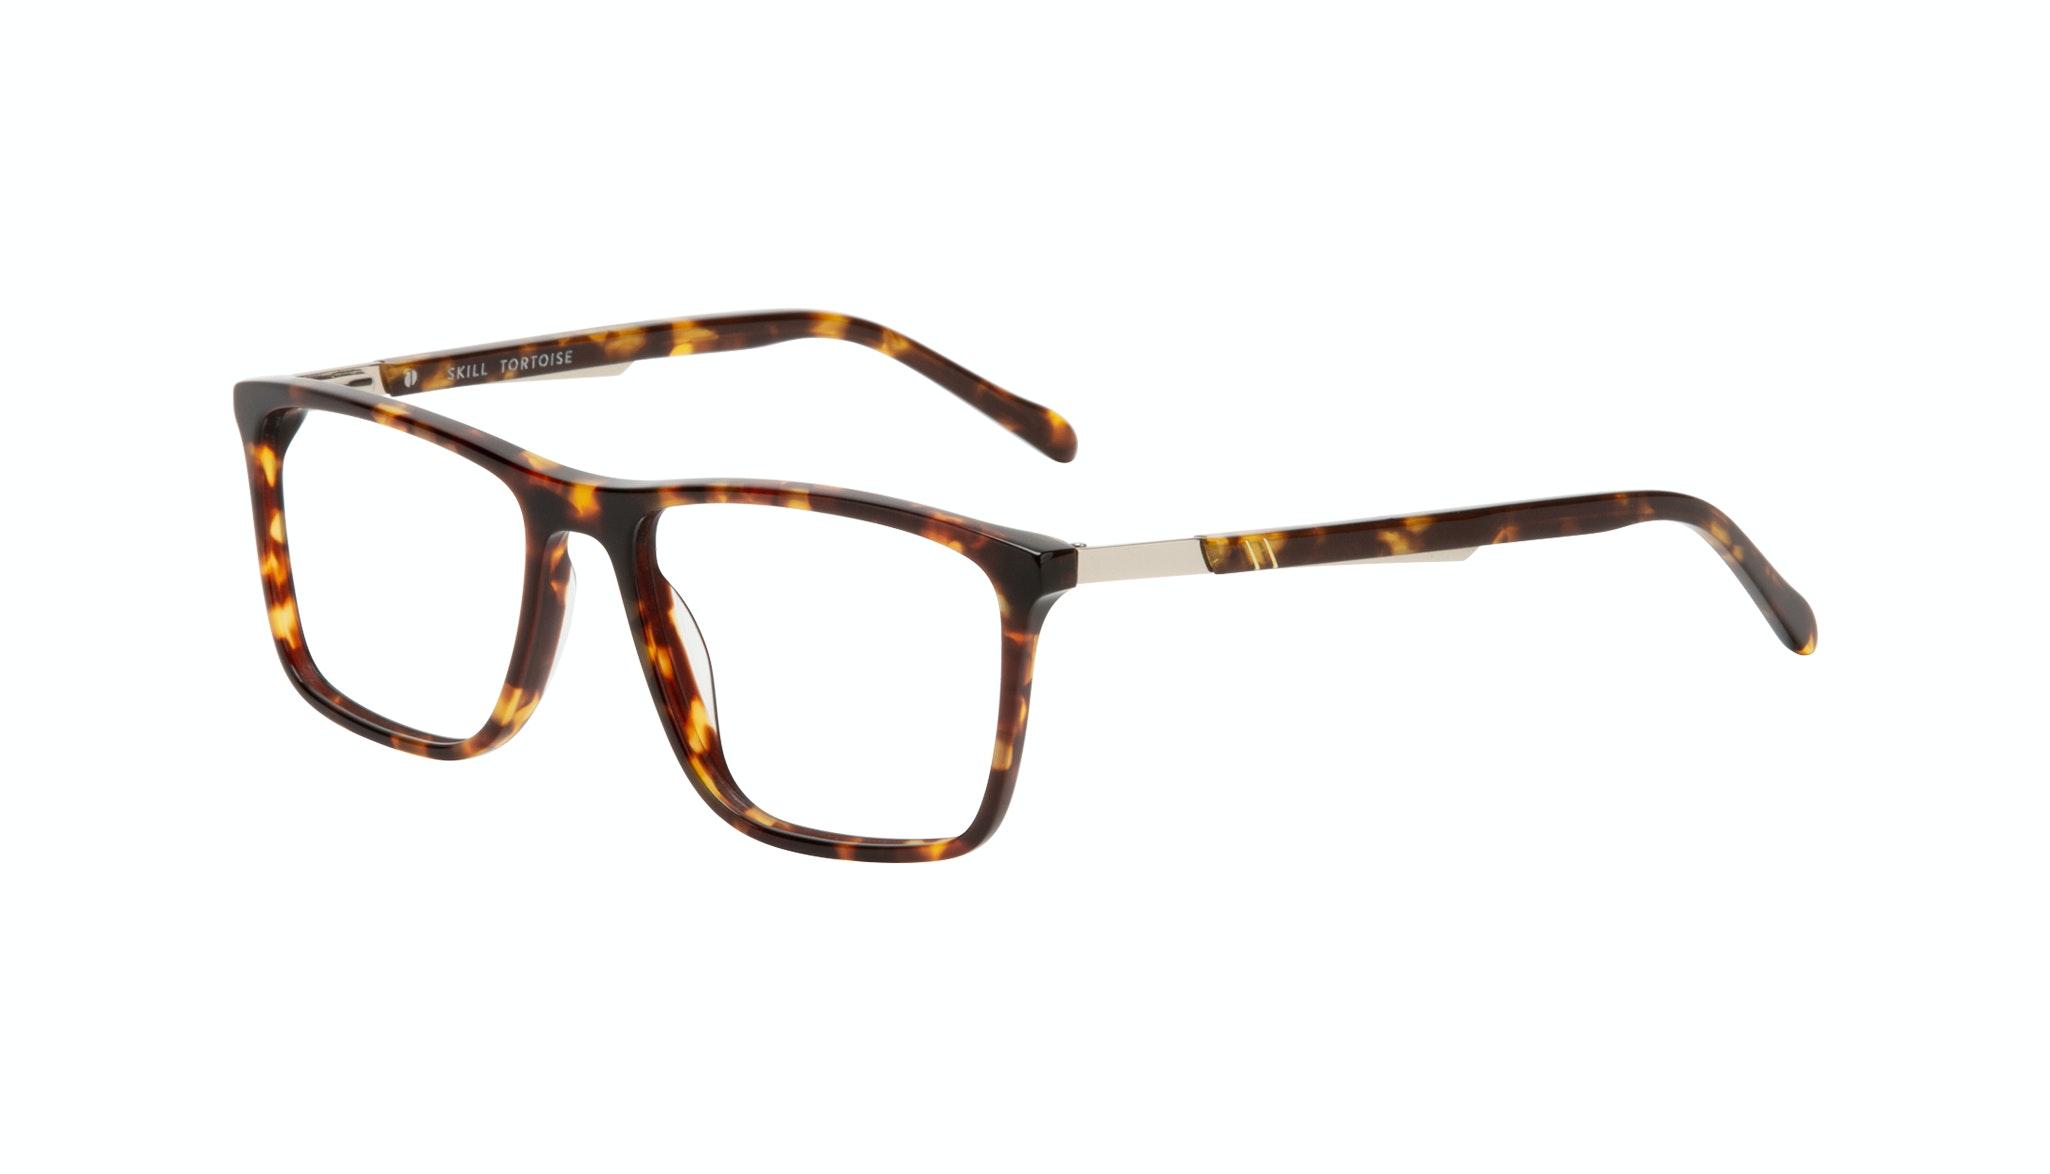 Affordable Fashion Glasses Rectangle Eyeglasses Men Skill Tortoise Tilt